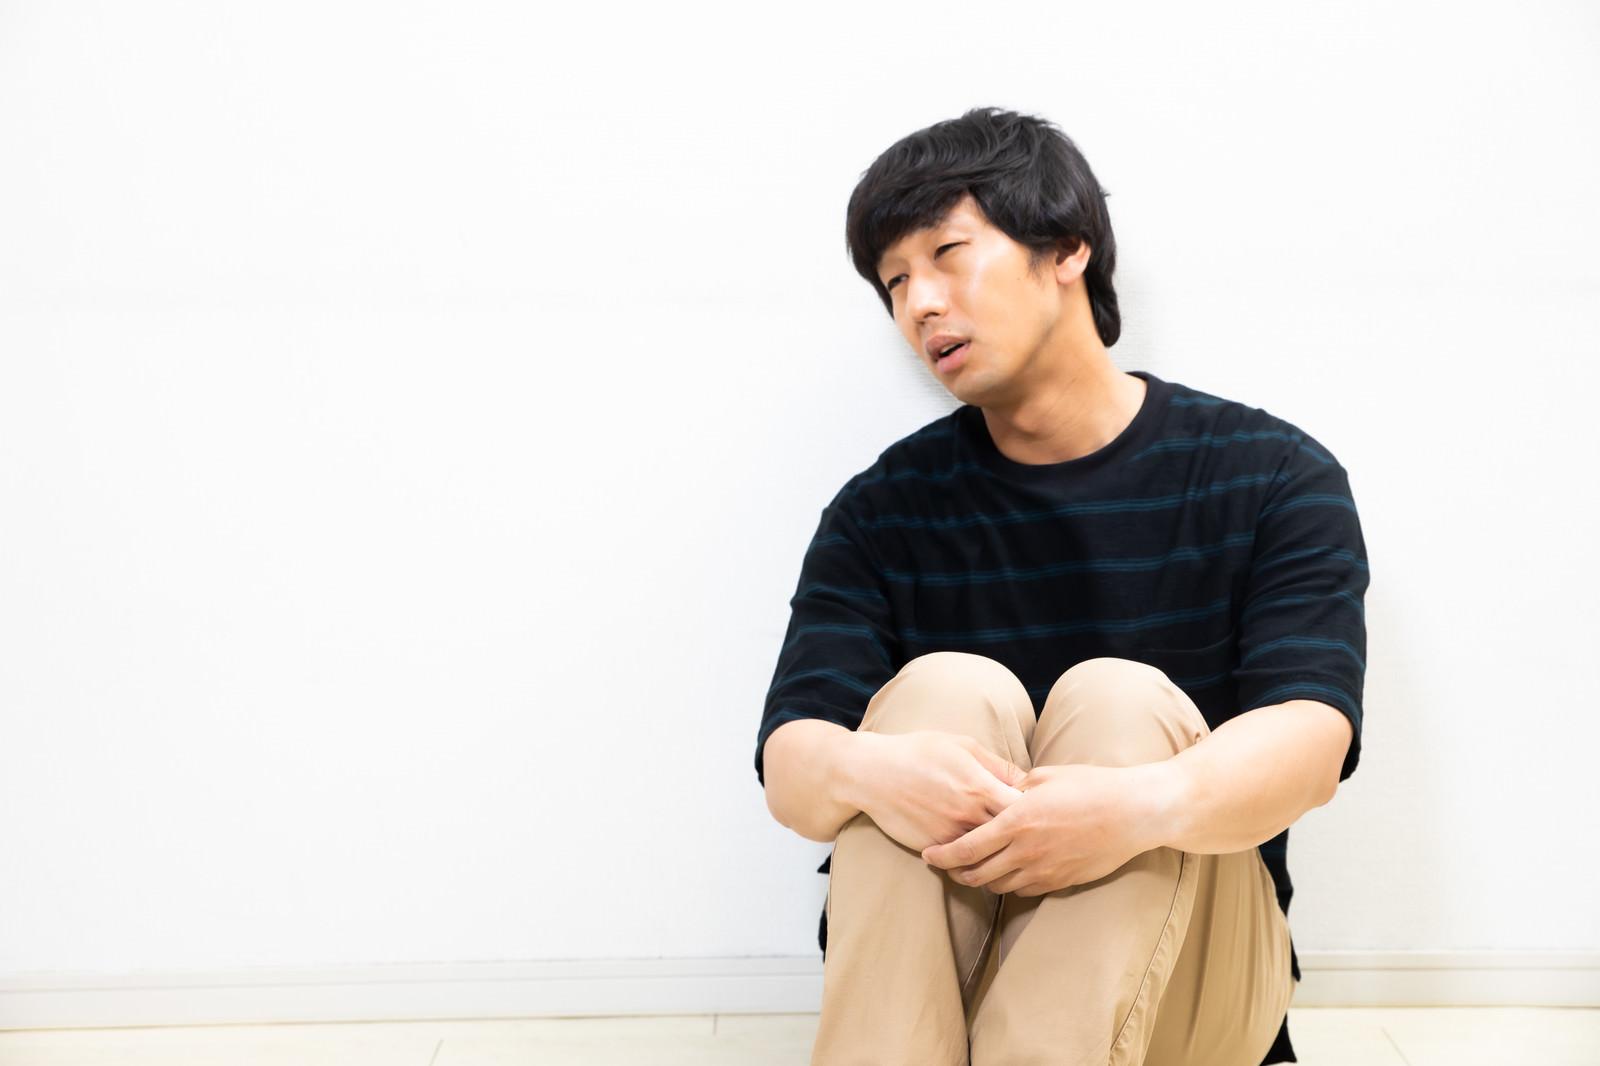 「心労気味のエンジニアぼっち」の写真[モデル:大川竜弥]